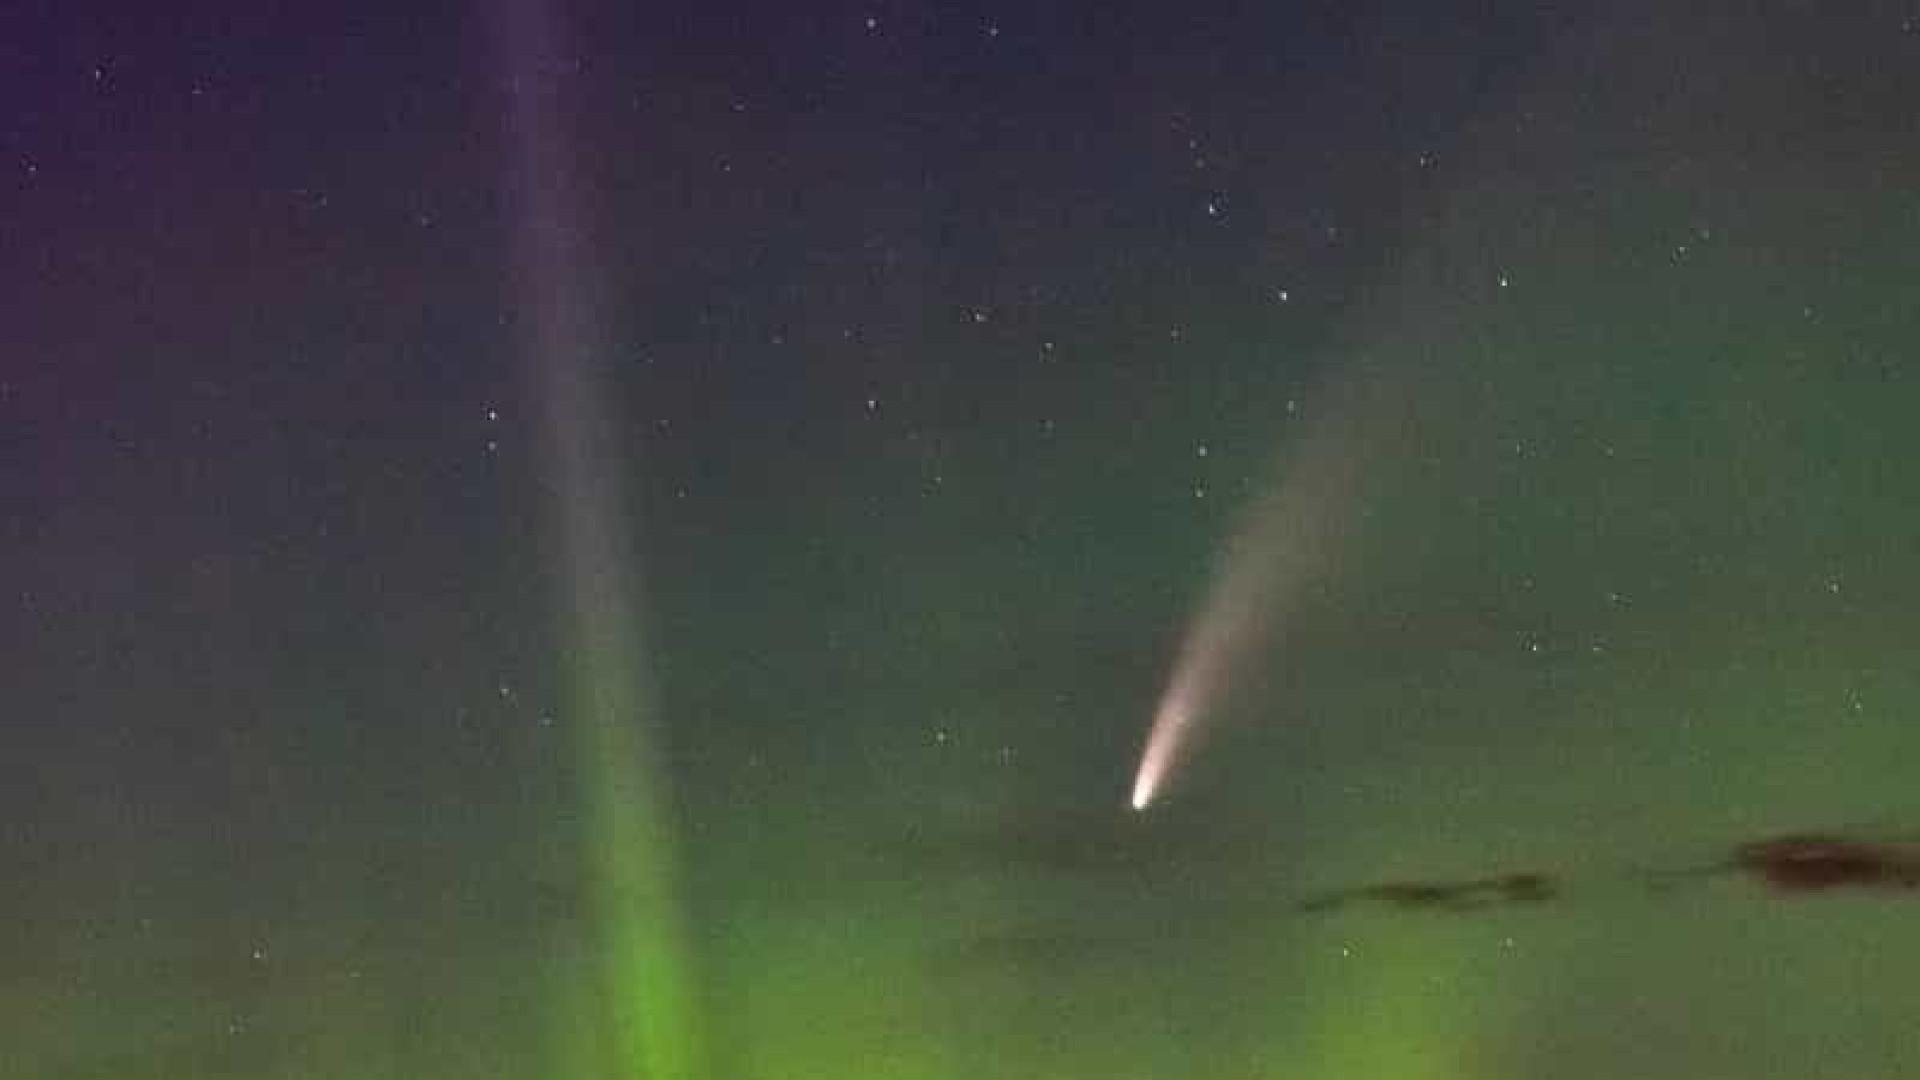 NASA partilha fotografia de cometa que está se aproximando da Terra